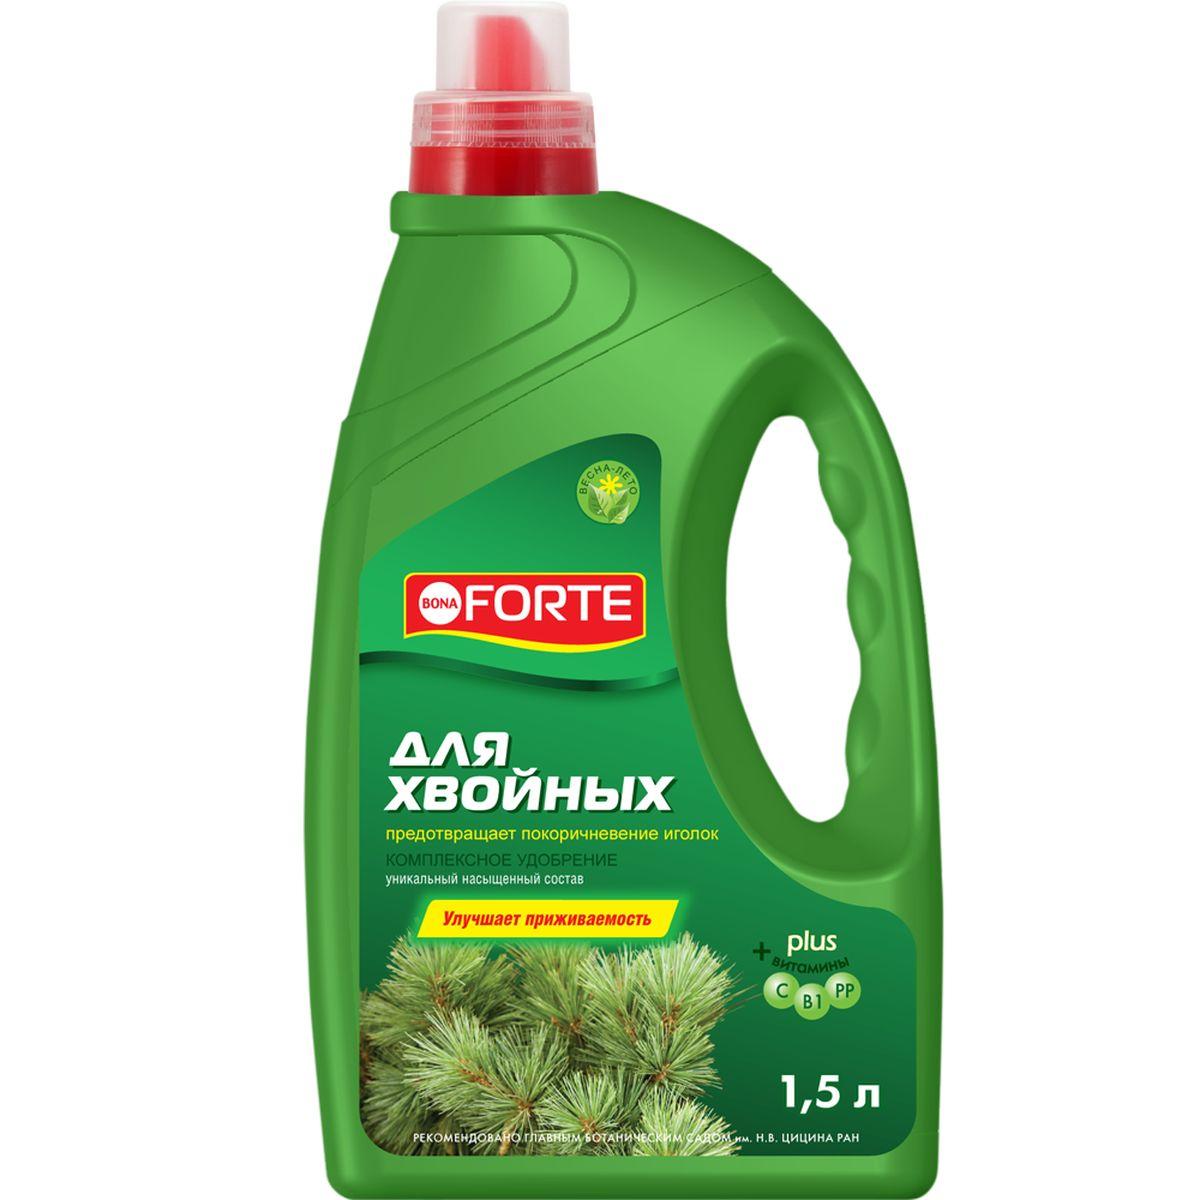 Жидкое комплексное удобрение Bona Forte, для хвойных растений, 1,5 л391602Препятствует покоричневению хвои, поддерживает зеленый цвет иголок, стимулирует рост и развивает корневую систему.